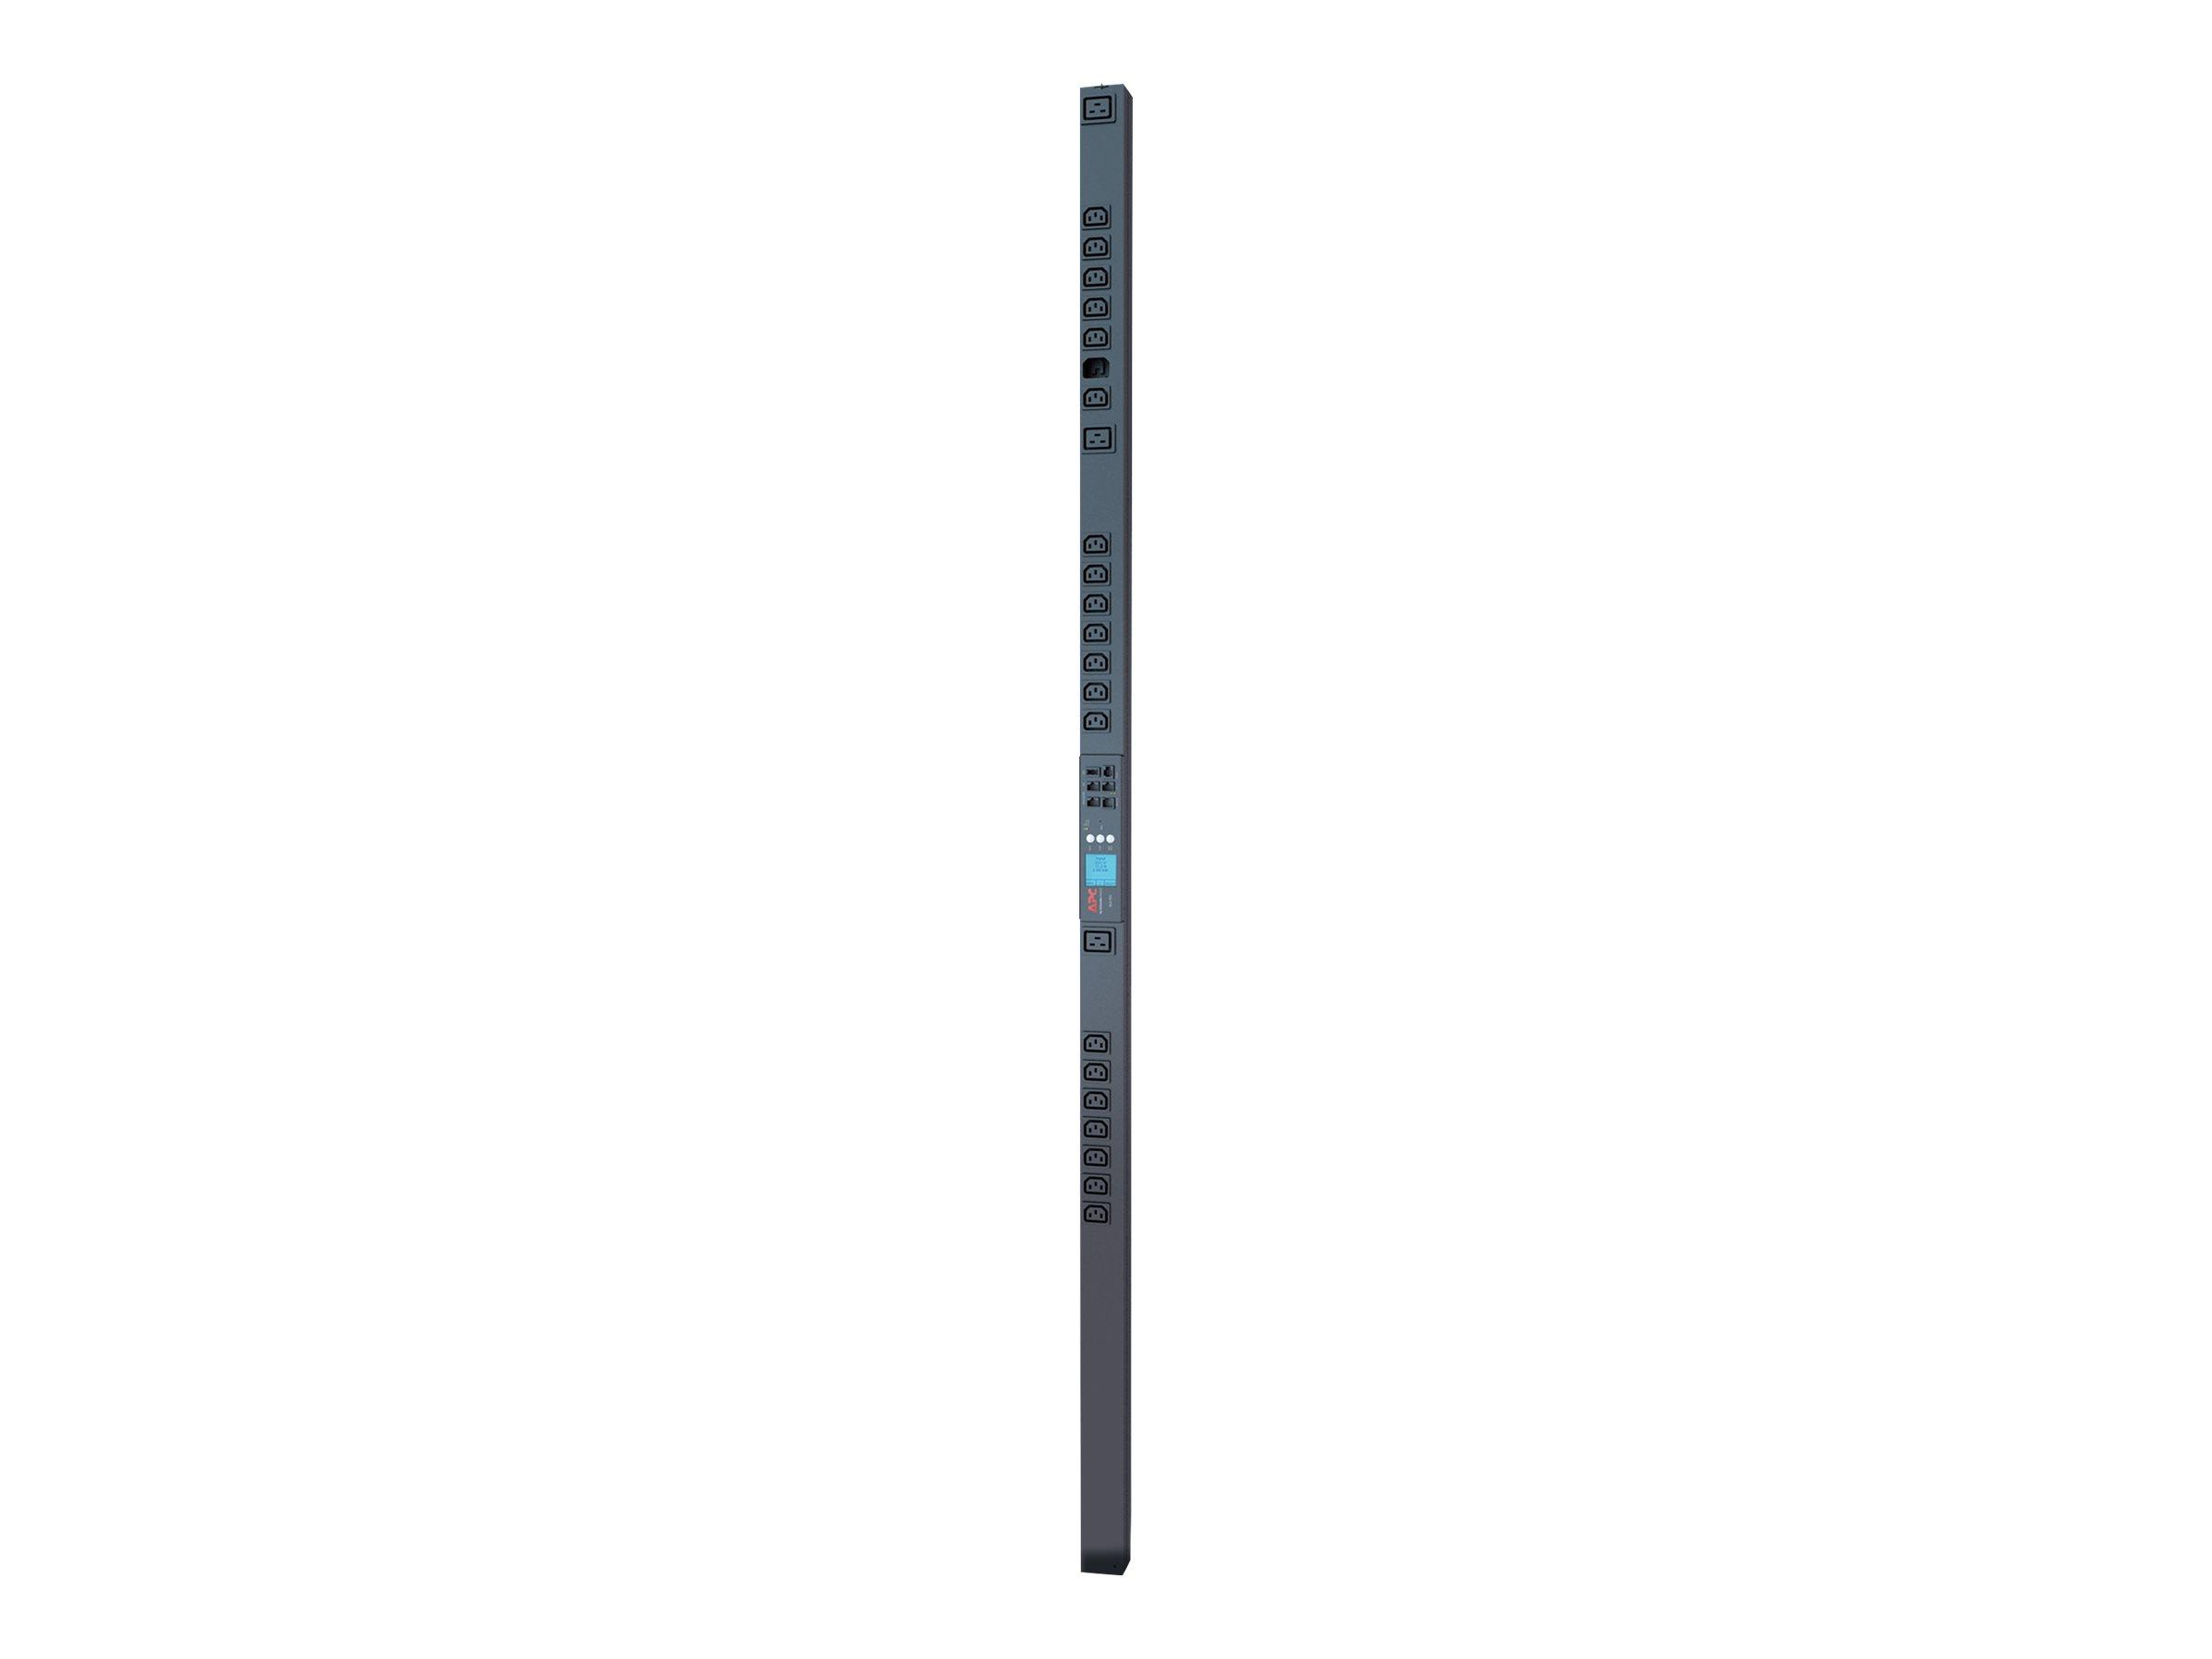 APC Metered-by-Outlet Rack PDU 2G - Stromverteilungseinheit (Rack - einbaufähig) - Wechselstrom 200/208/230 V - Ethernet - Einga